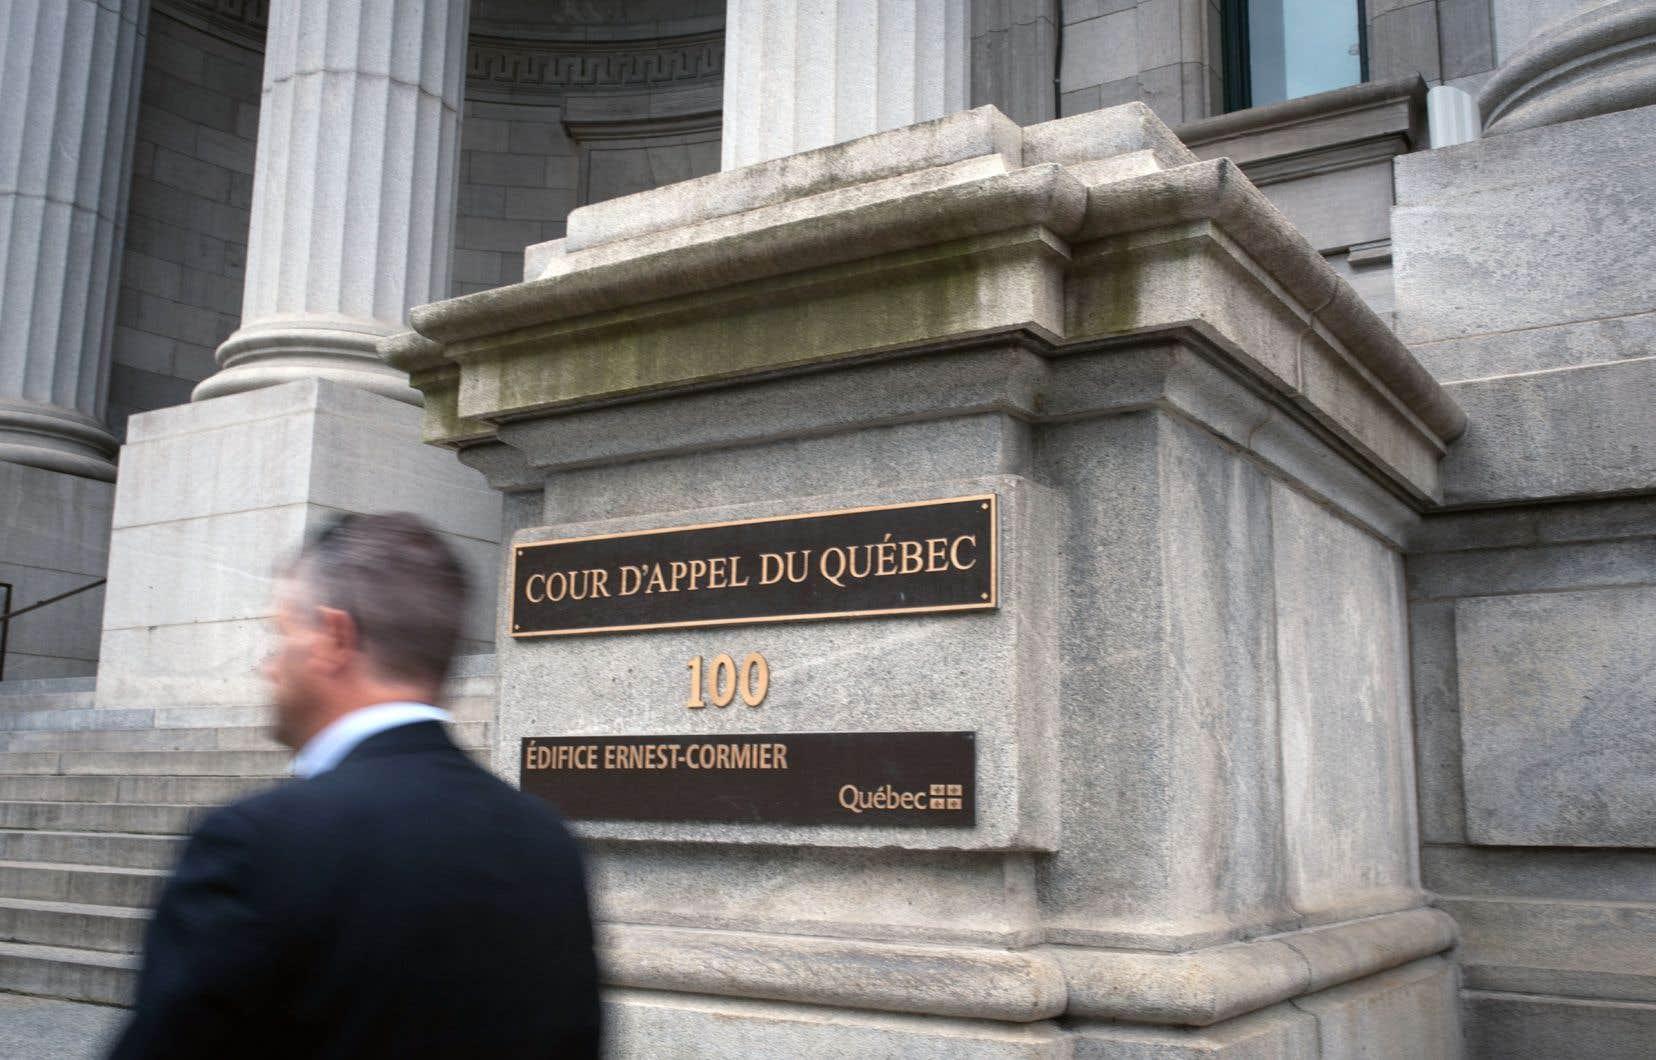 Les faits reprochés au juge Bradley remontent au mois de janvier 2016, lors d'une audition en division des petites créances.